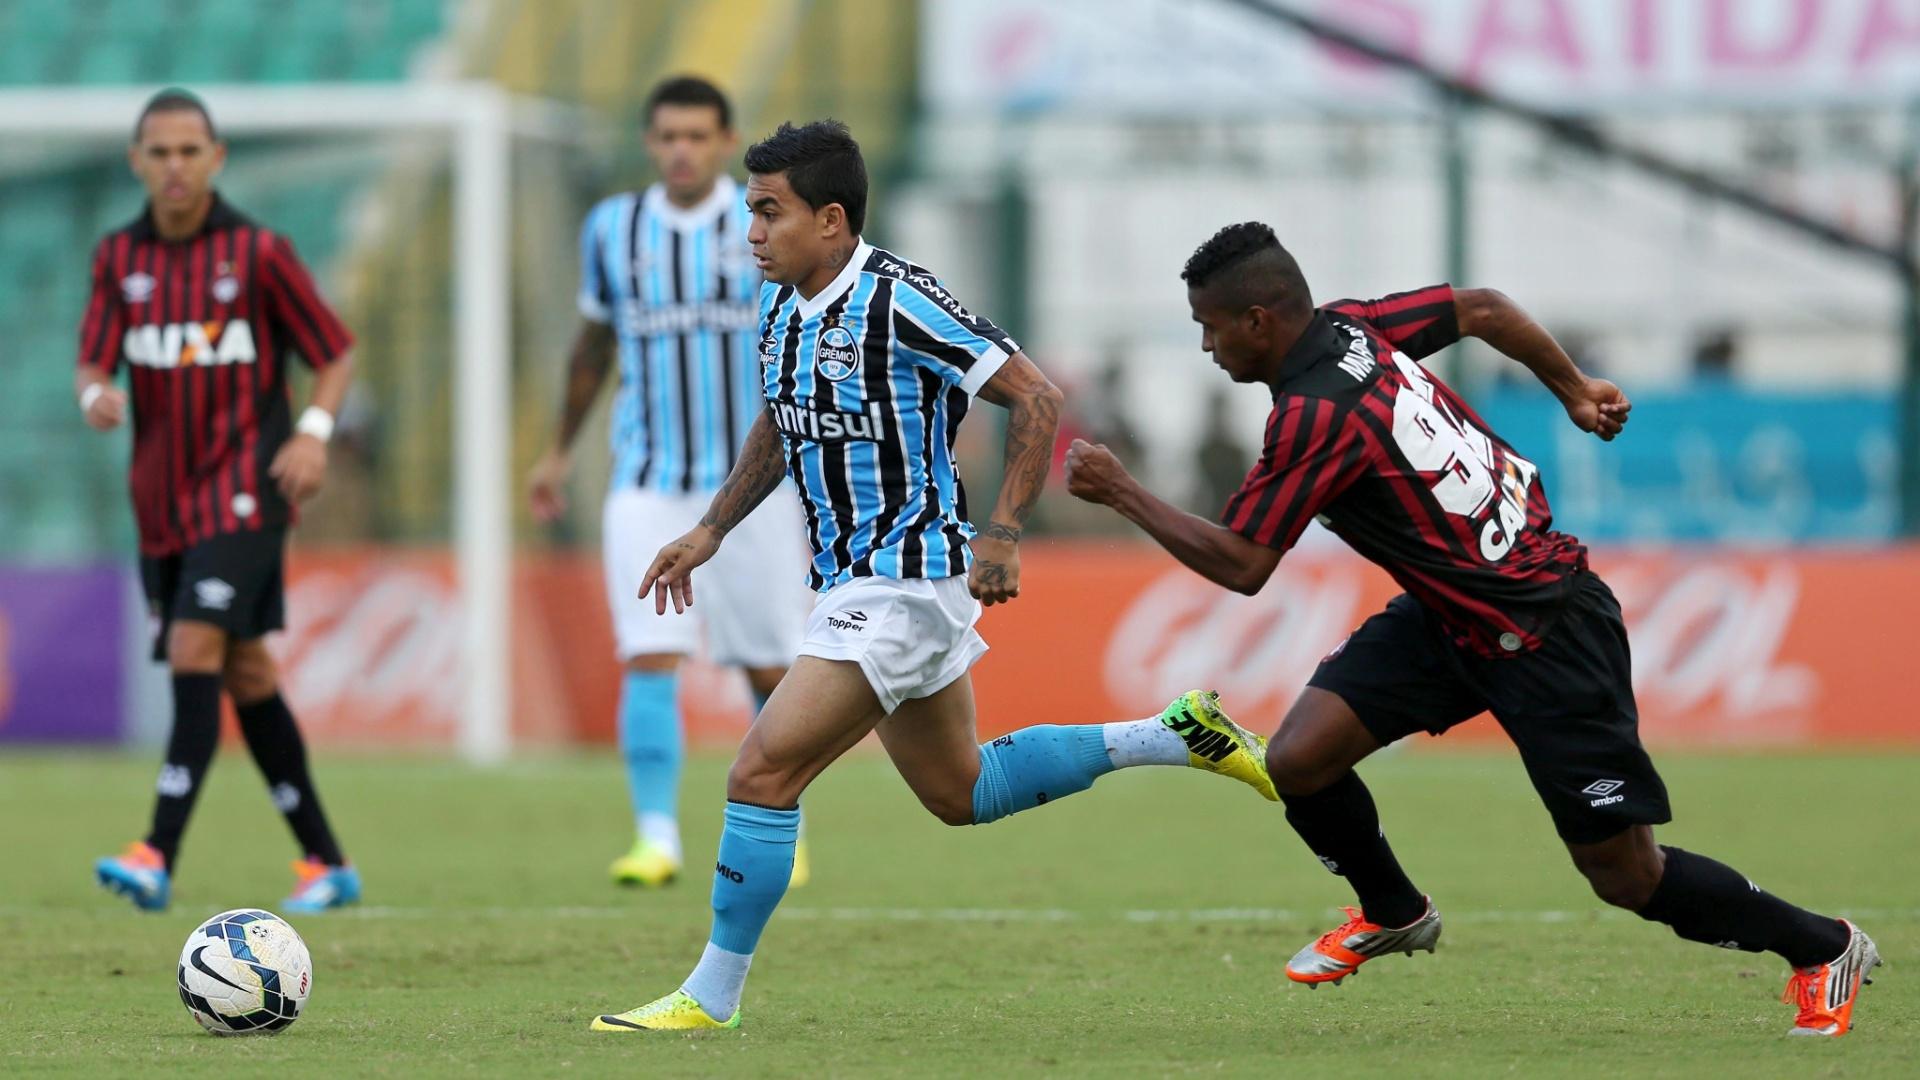 20.abr.2014 - Dudu, do Grêmio, conduz a bola perseguido por Mario Sergio, do Atlético-PR